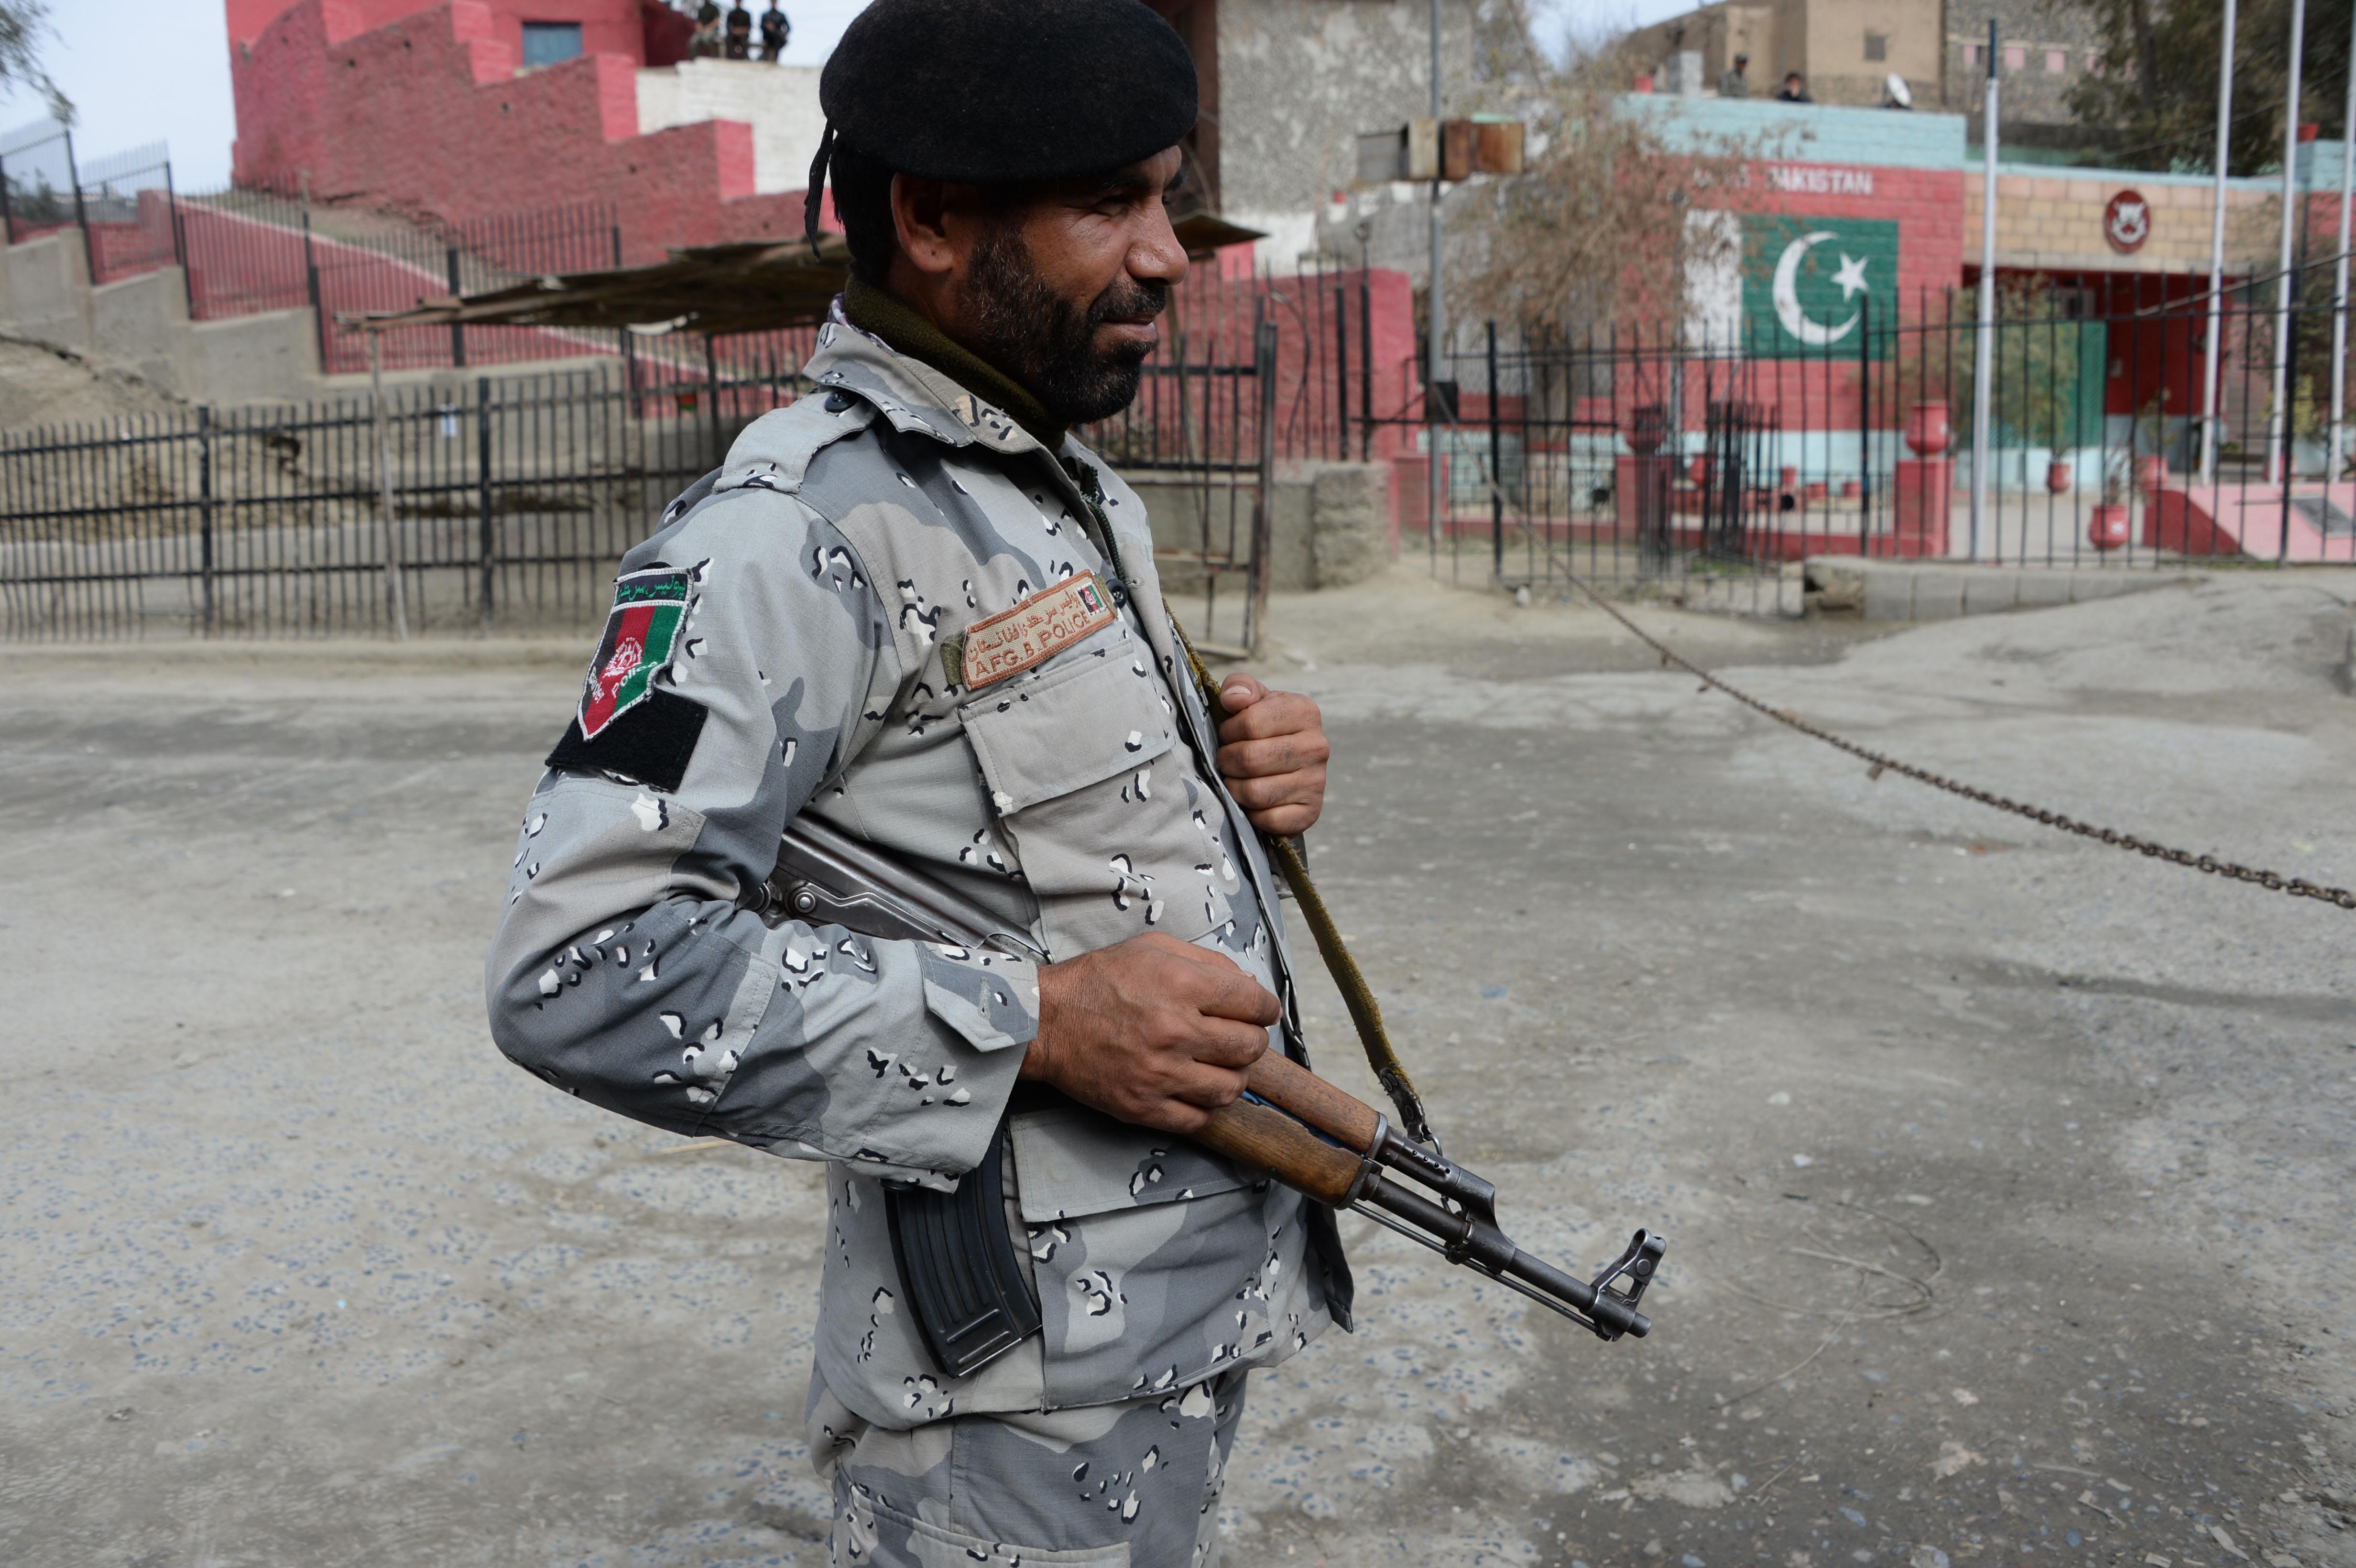 پاکستان او افغانستان د ترهګرۍ پر ضد مبارزه کې هڅې ګړندۍ کوي